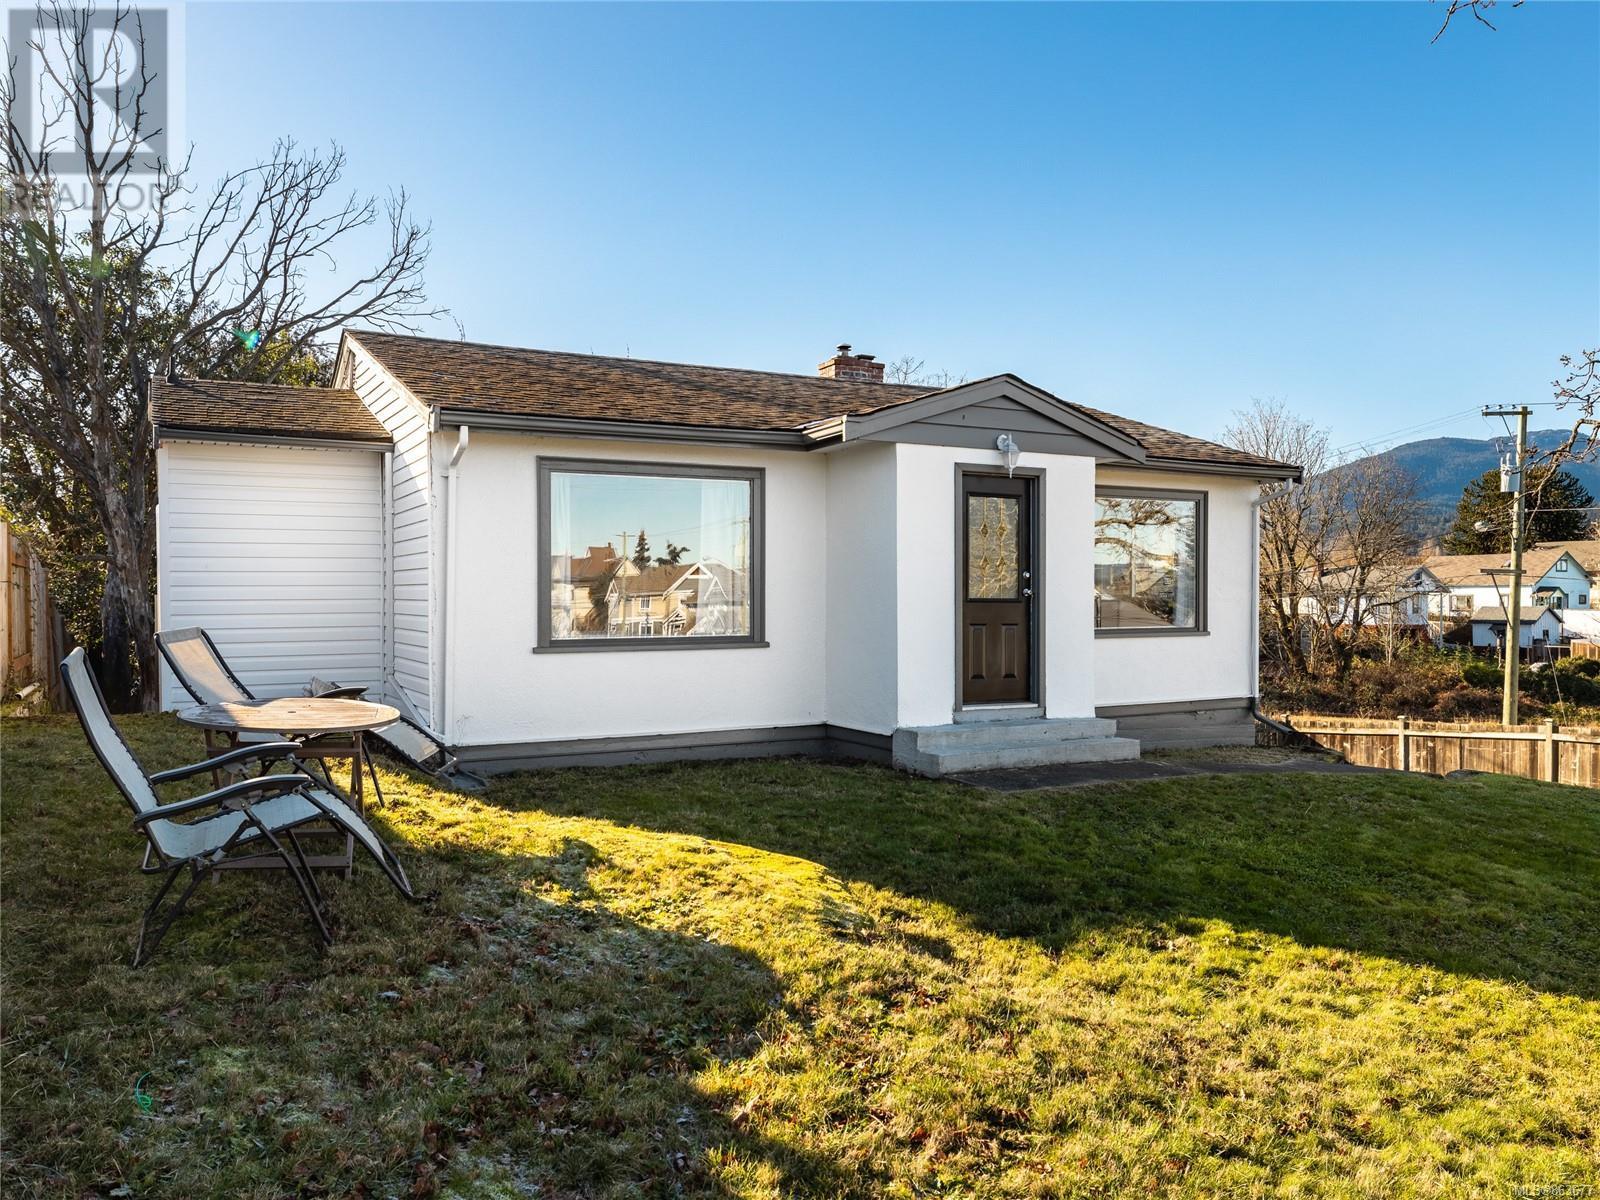 601 Milton St, Nanaimo, British Columbia  V9T 1M3 - Photo 2 - 863677